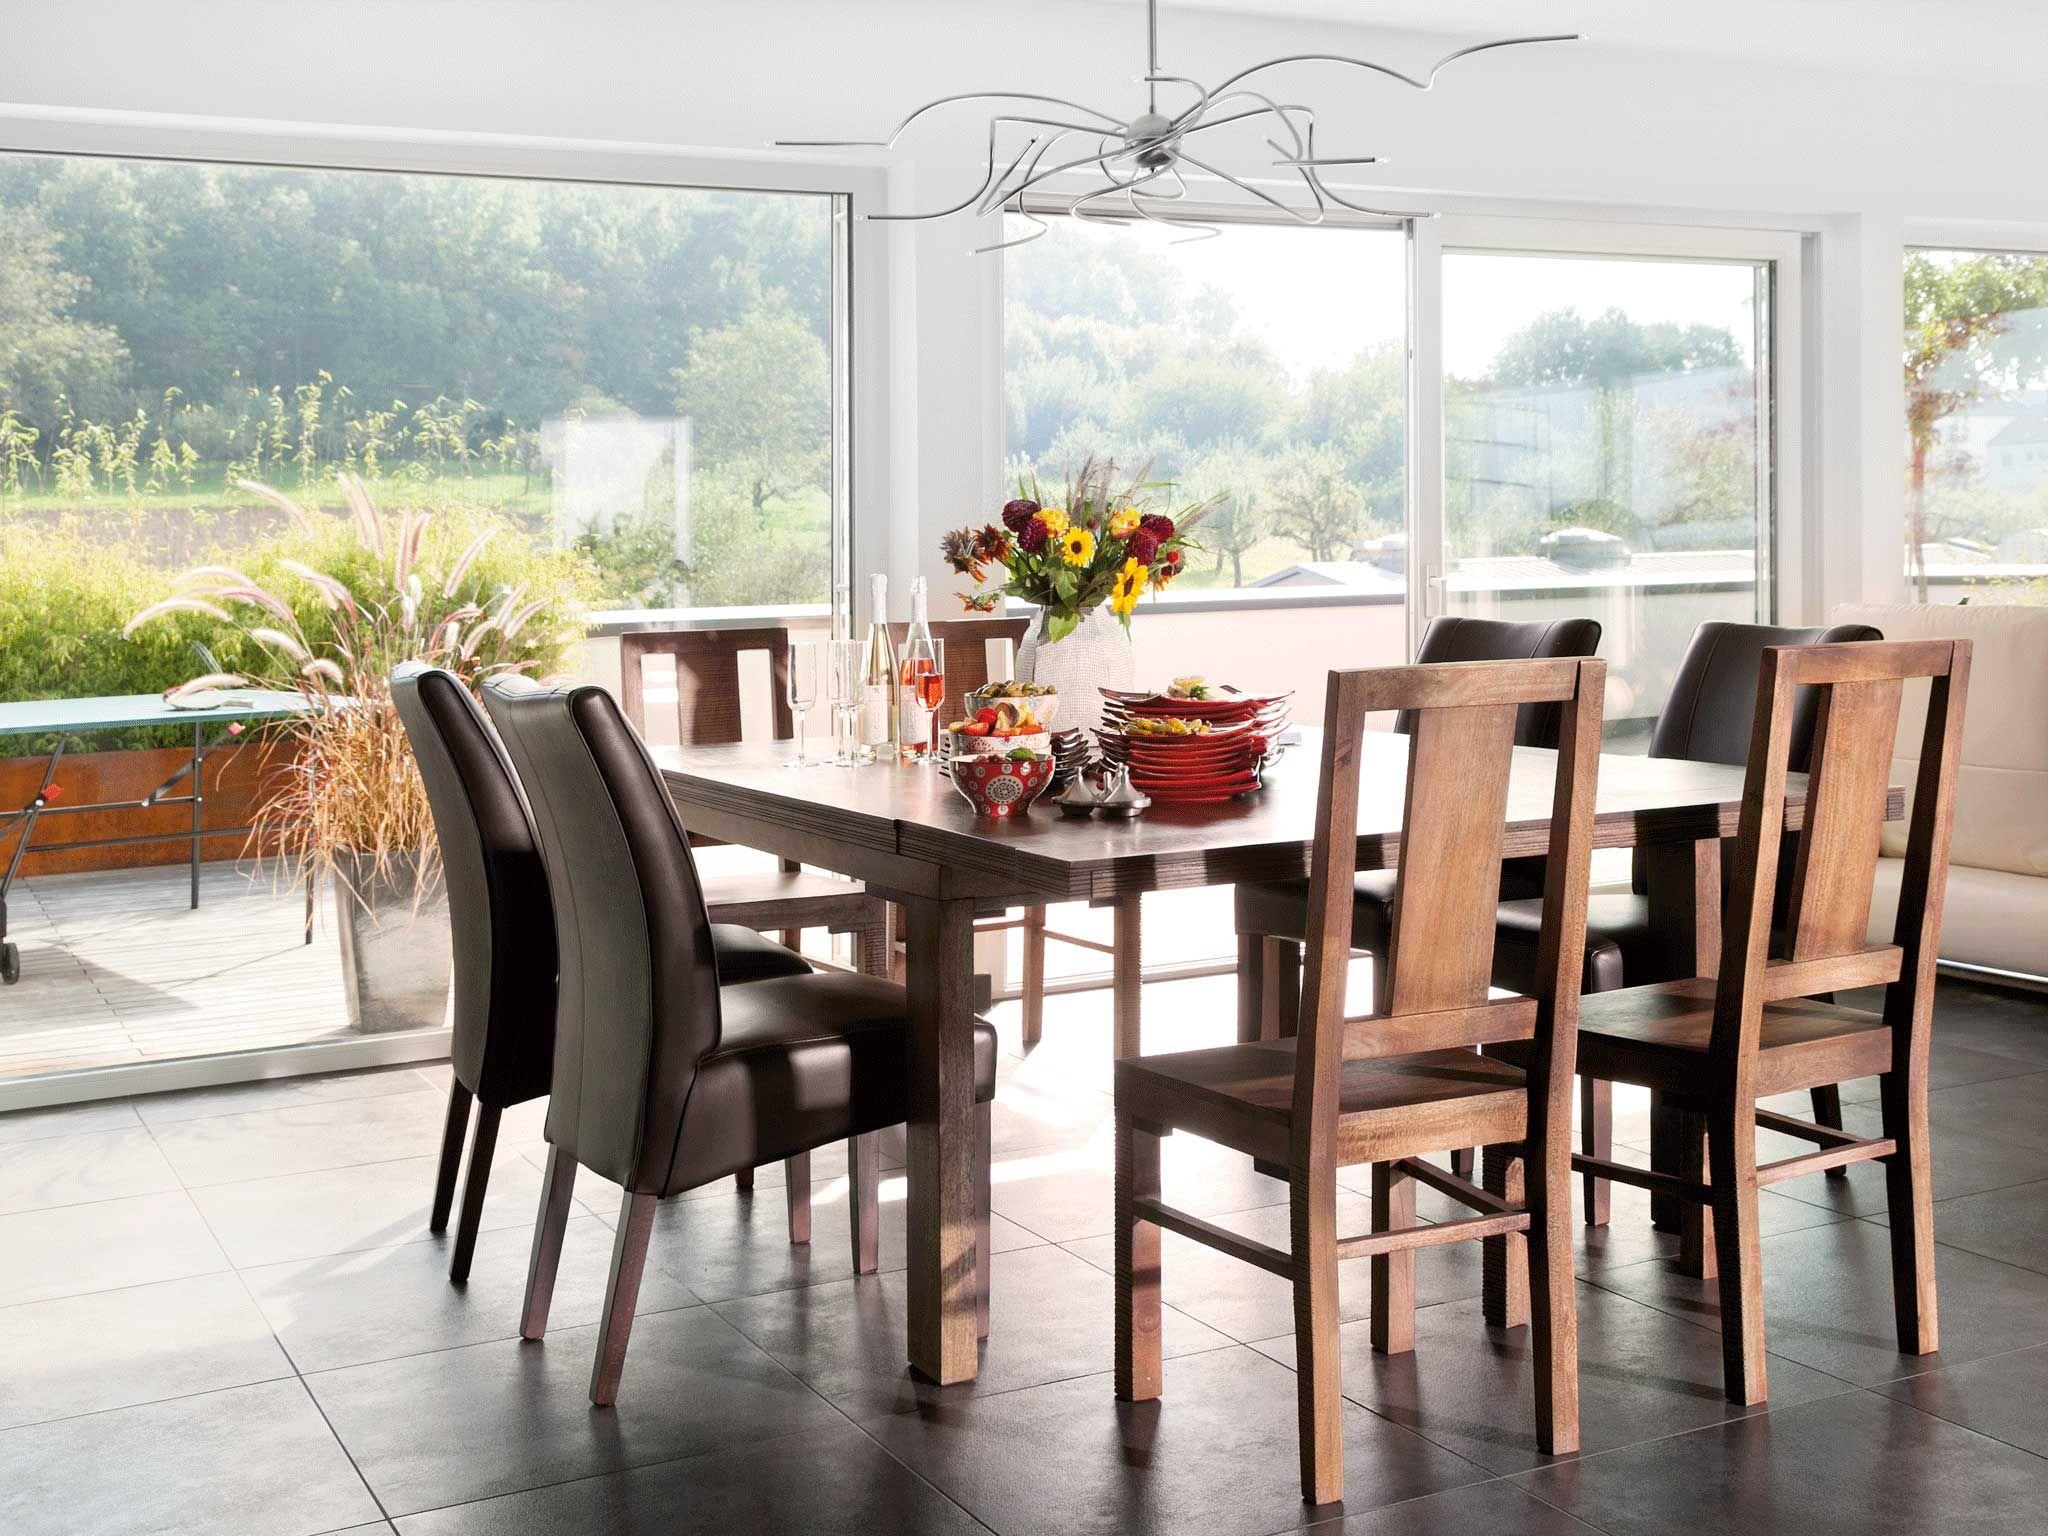 Ein quadratischer Esstisch lädt zum fröhlichen Tischgespräch ein ...